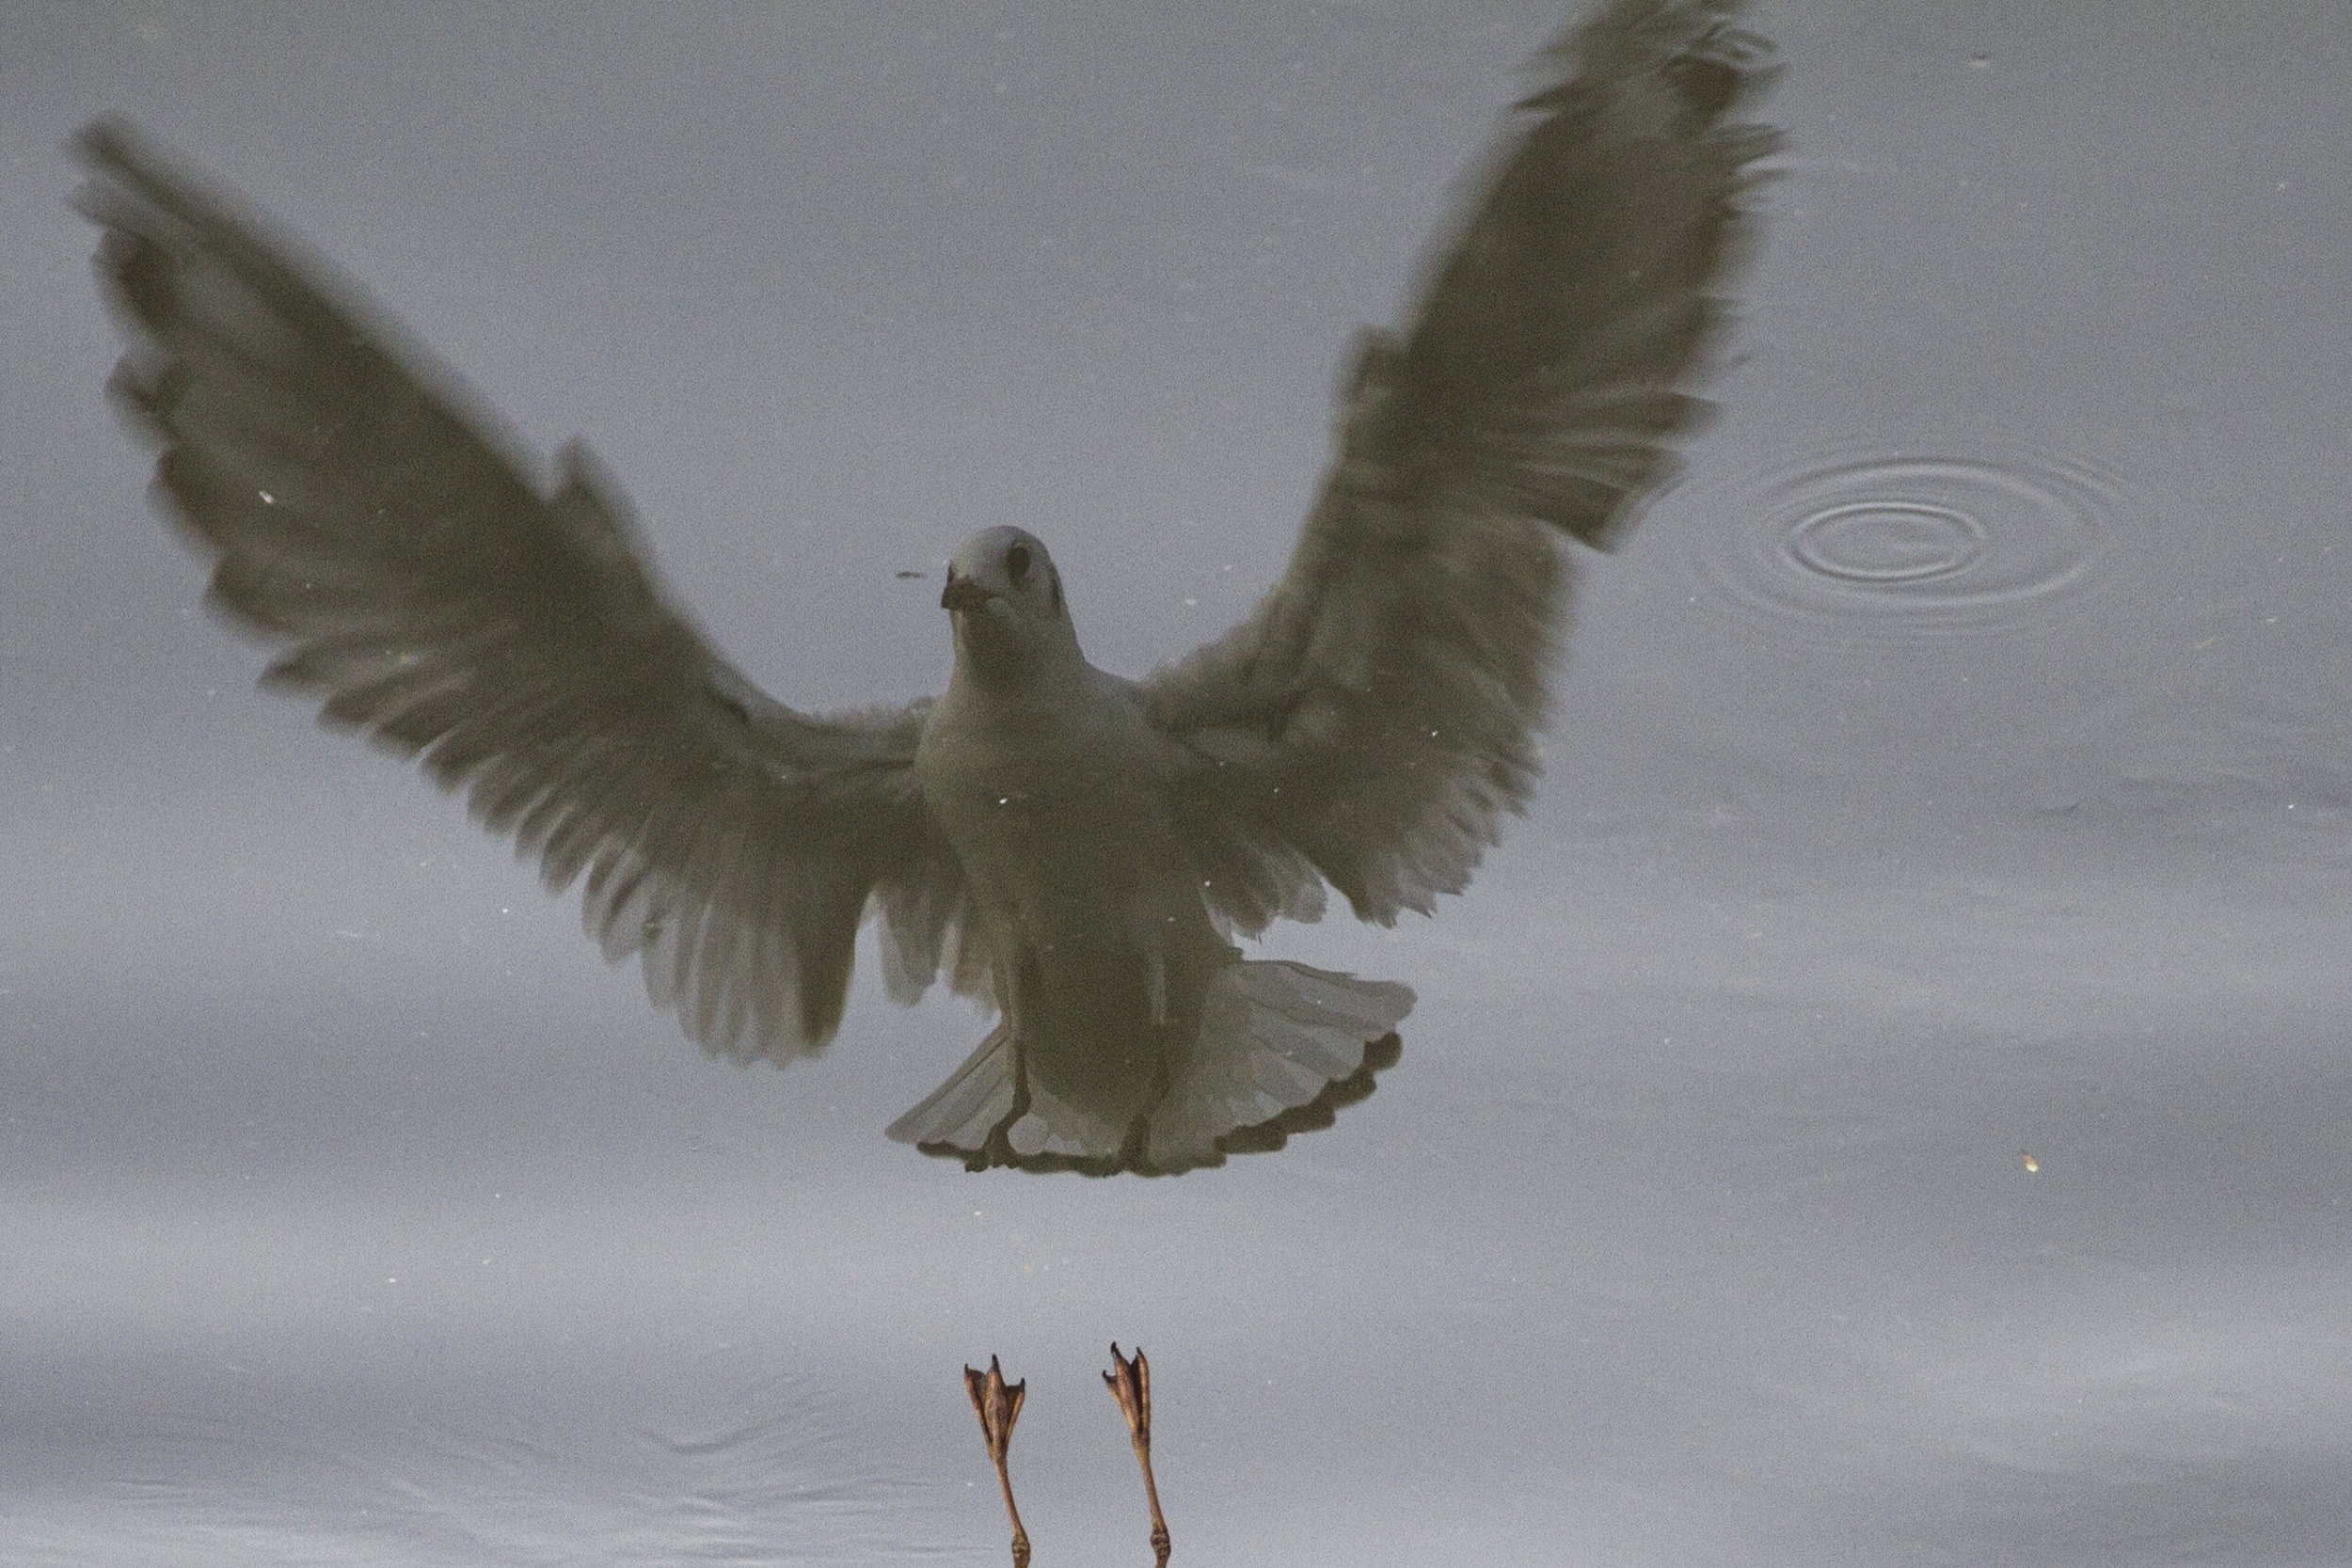 refleksija ptice ptica voda leti obrt.jpg